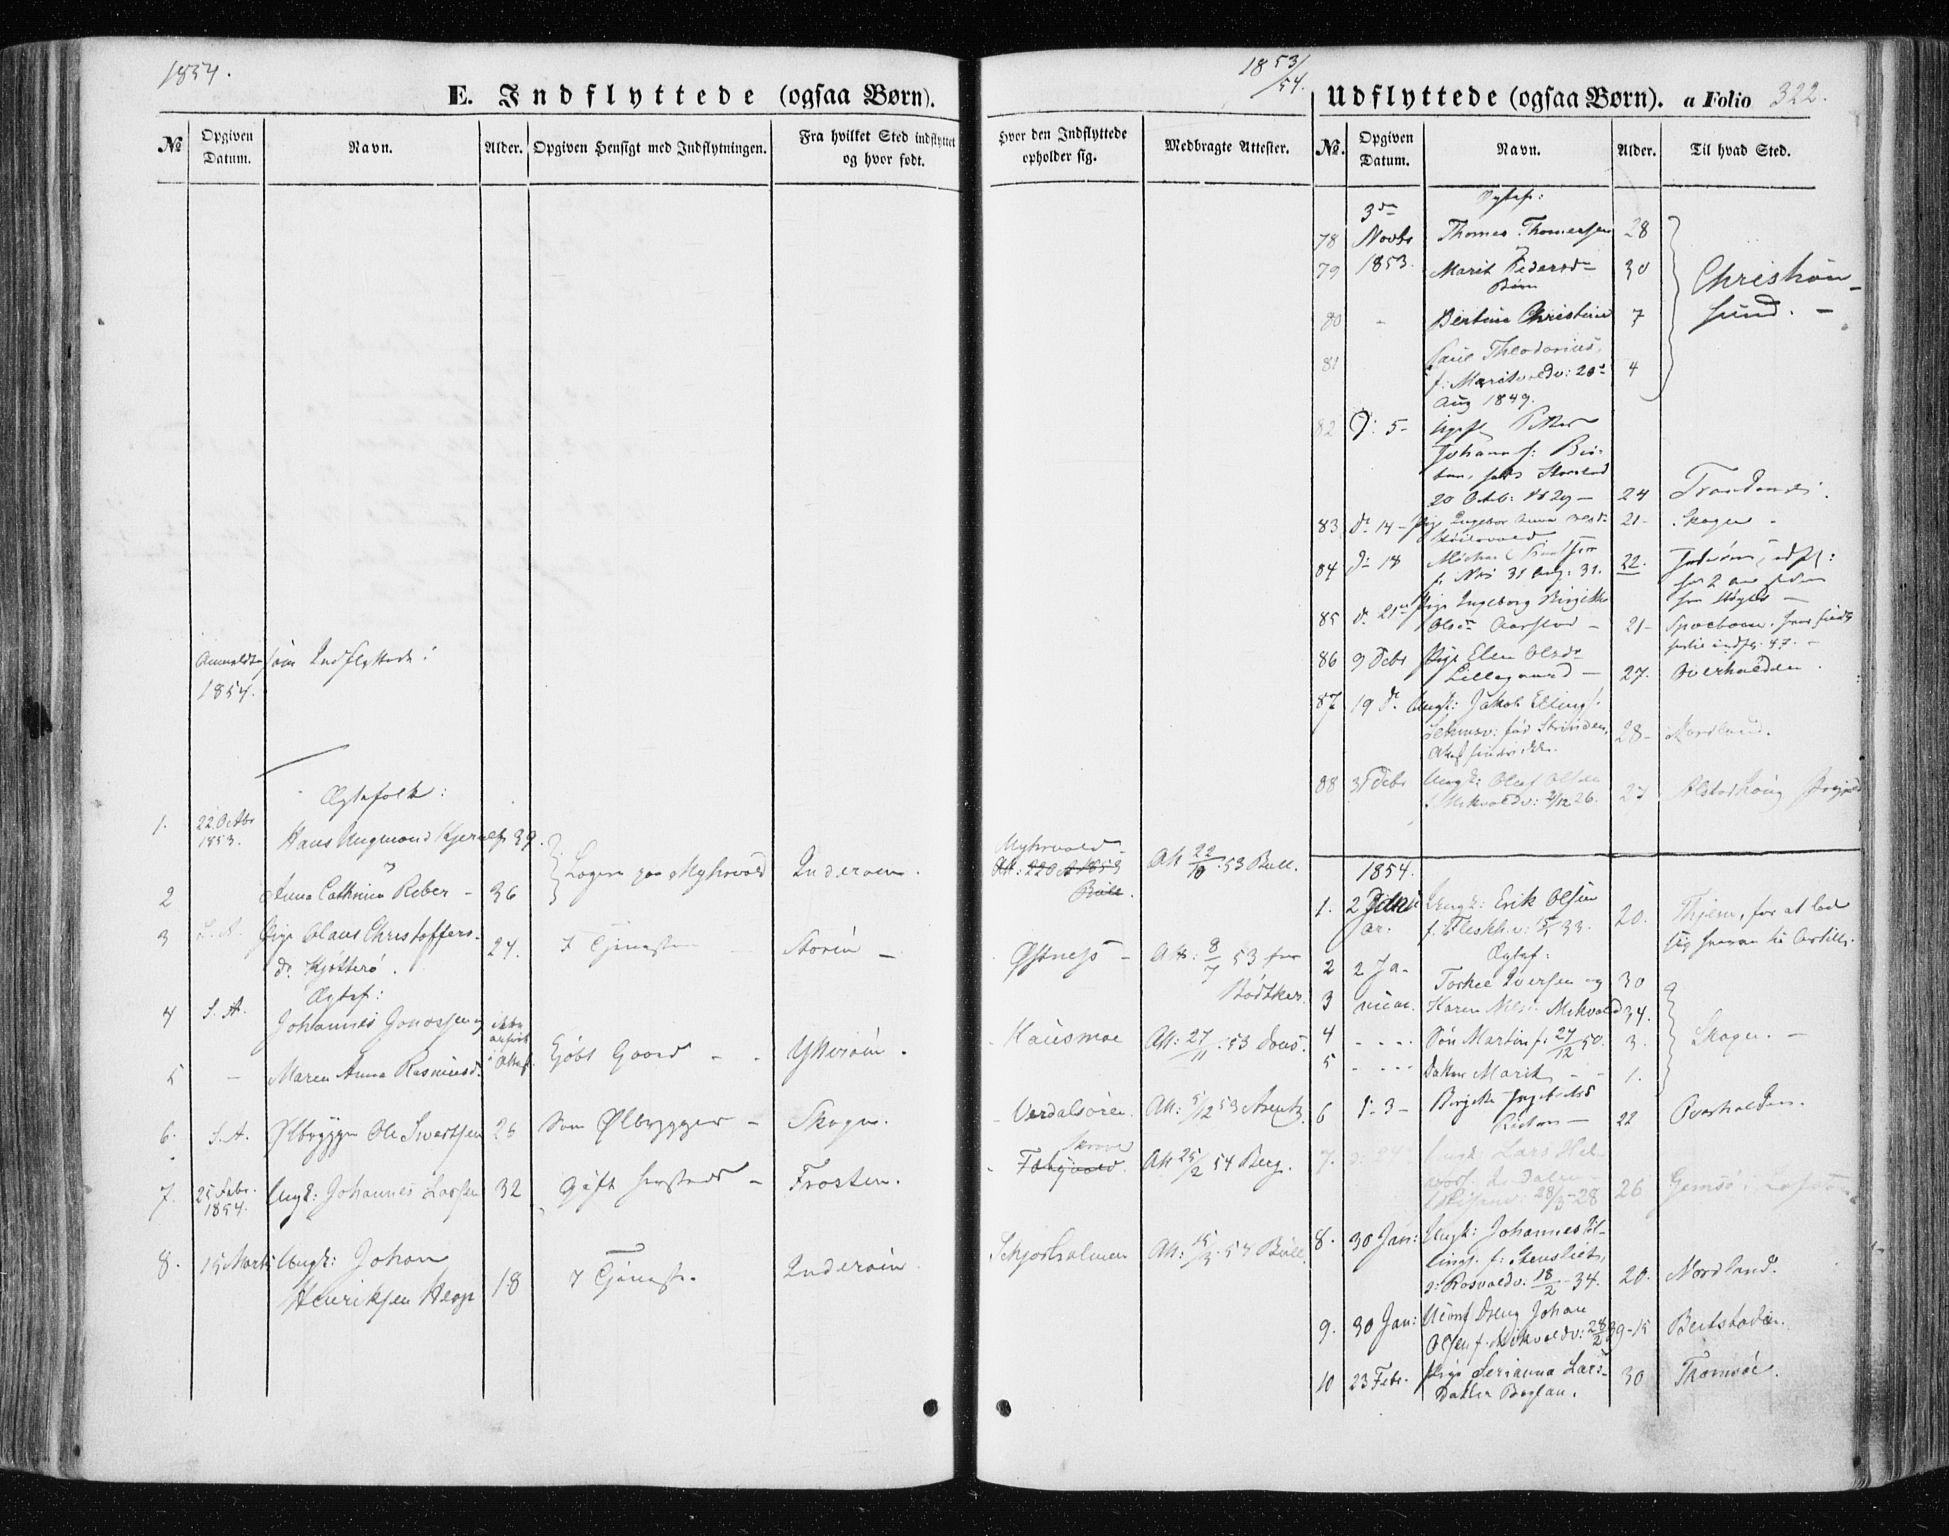 SAT, Ministerialprotokoller, klokkerbøker og fødselsregistre - Nord-Trøndelag, 723/L0240: Ministerialbok nr. 723A09, 1852-1860, s. 322